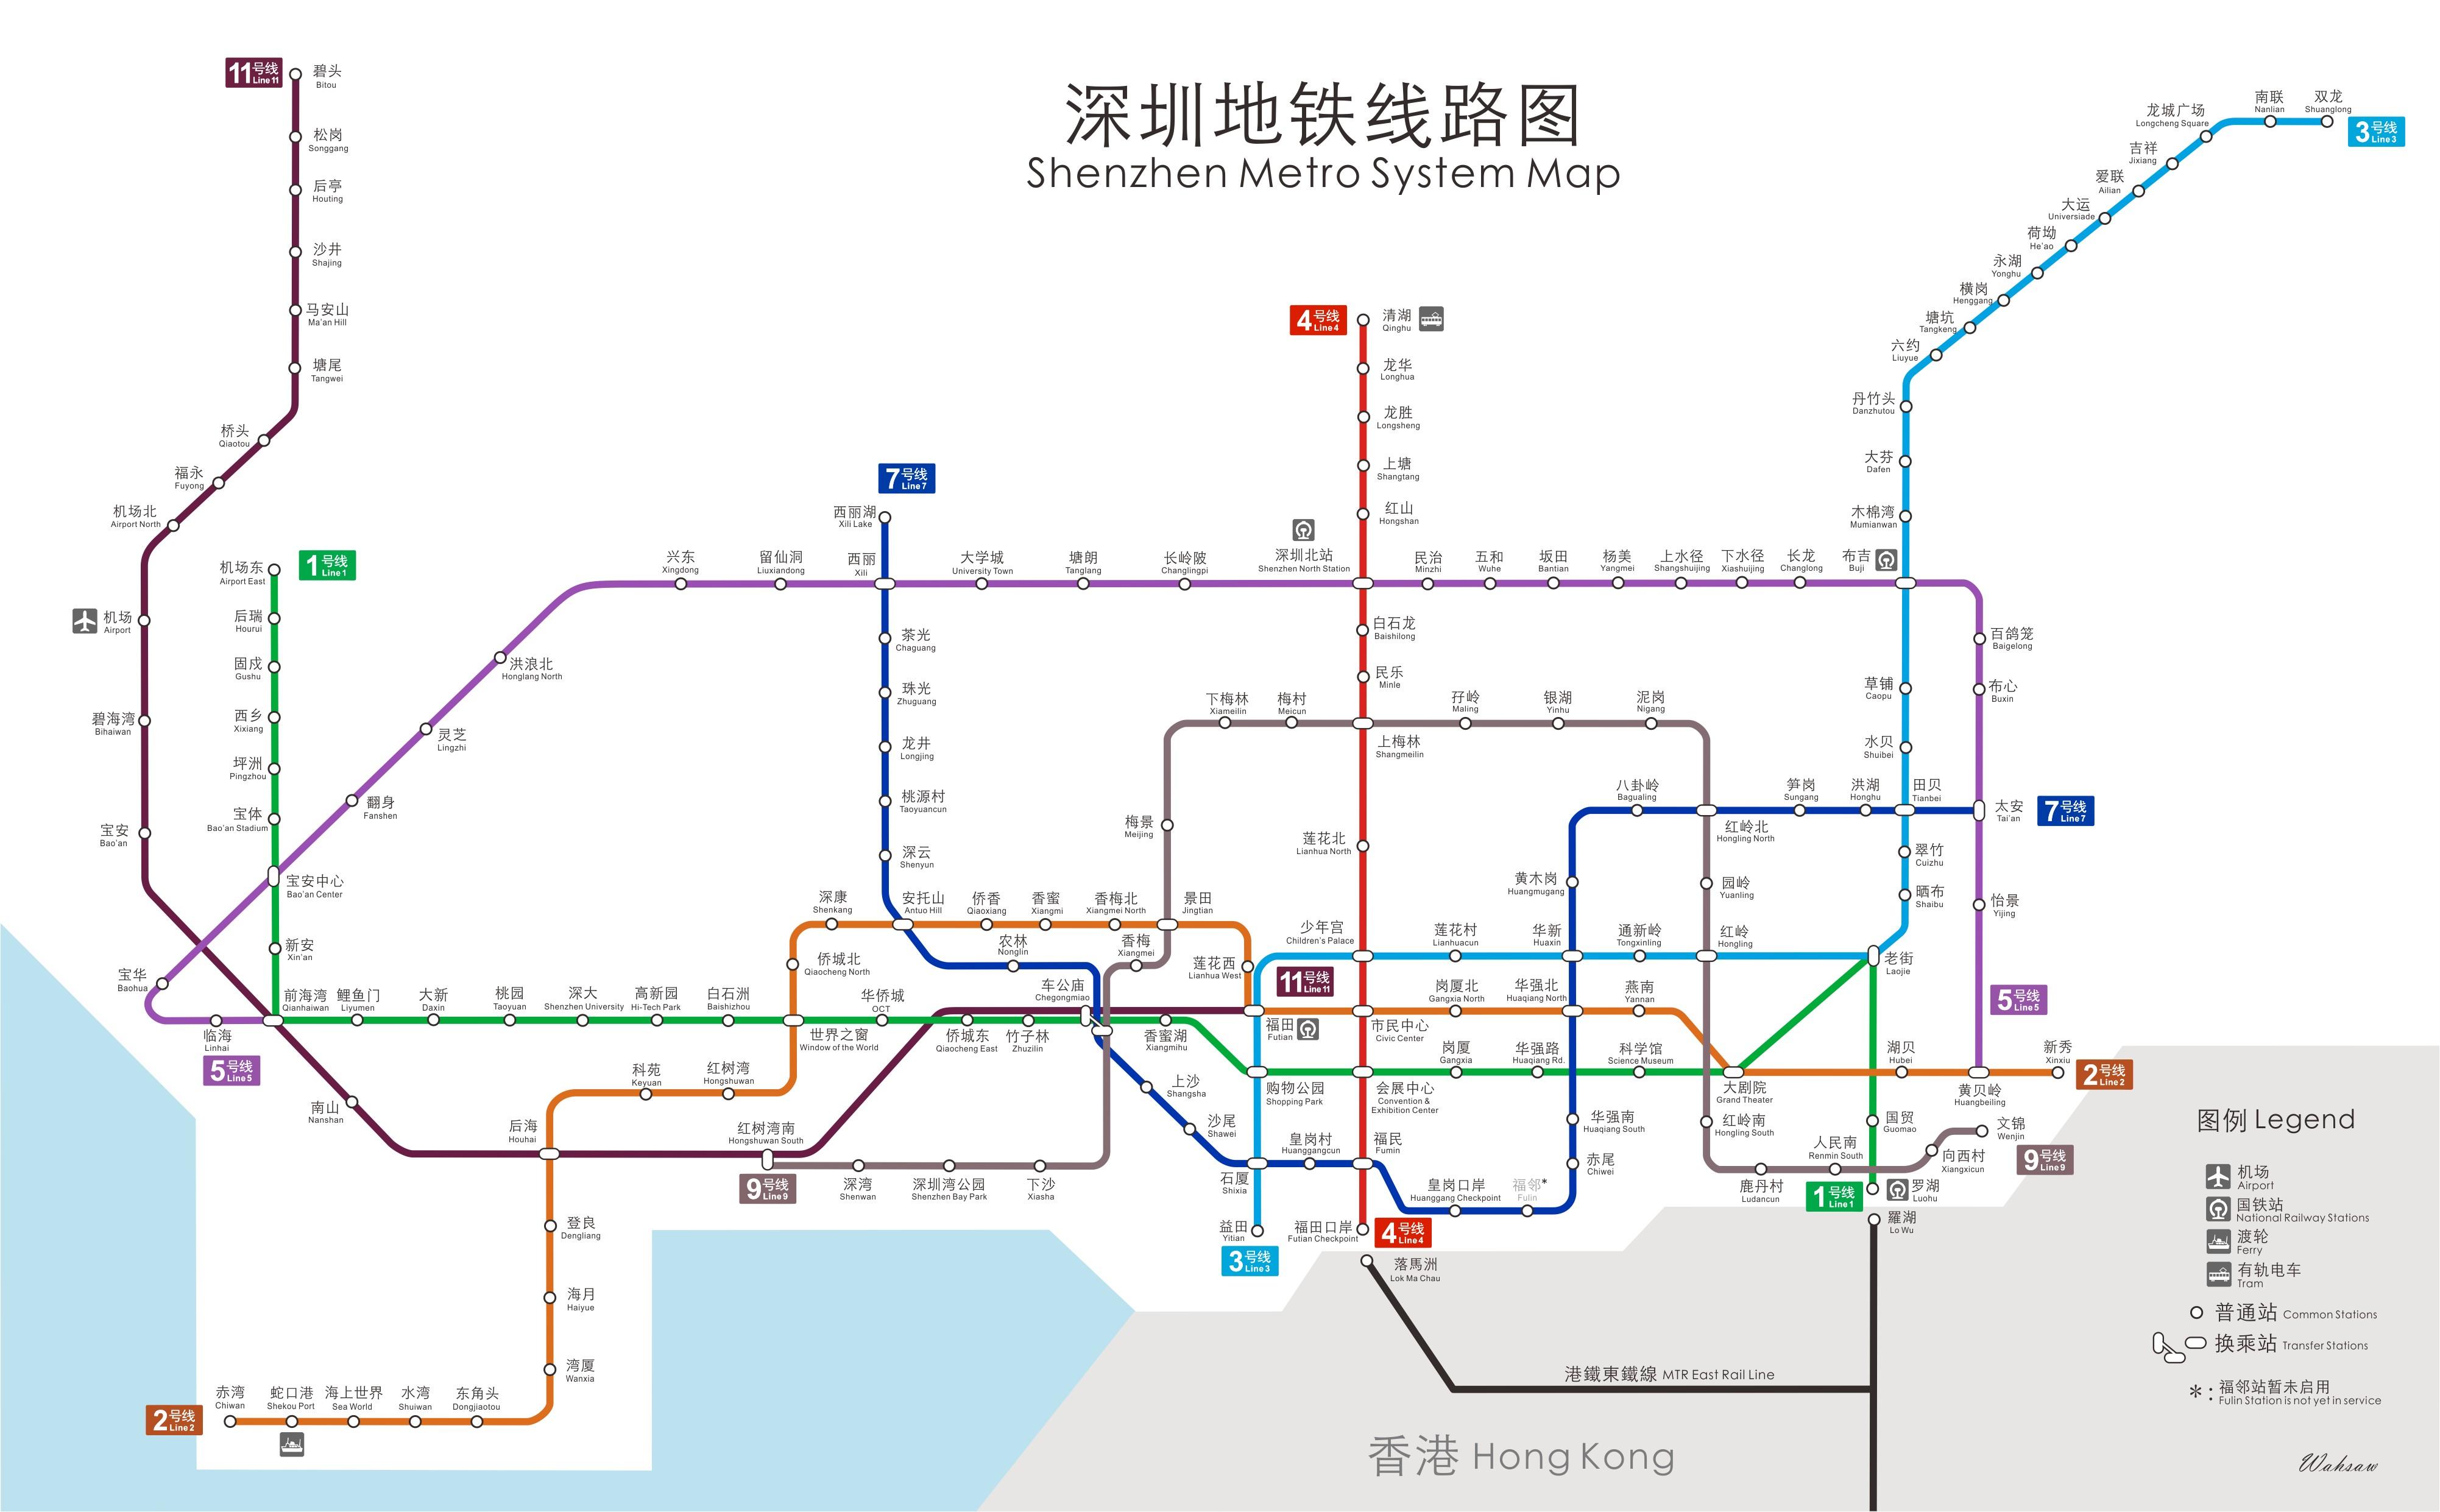 深圳地鐵路線圖2018年最新版本 出發前一定要Save低! | 佬假期 LoHoliday